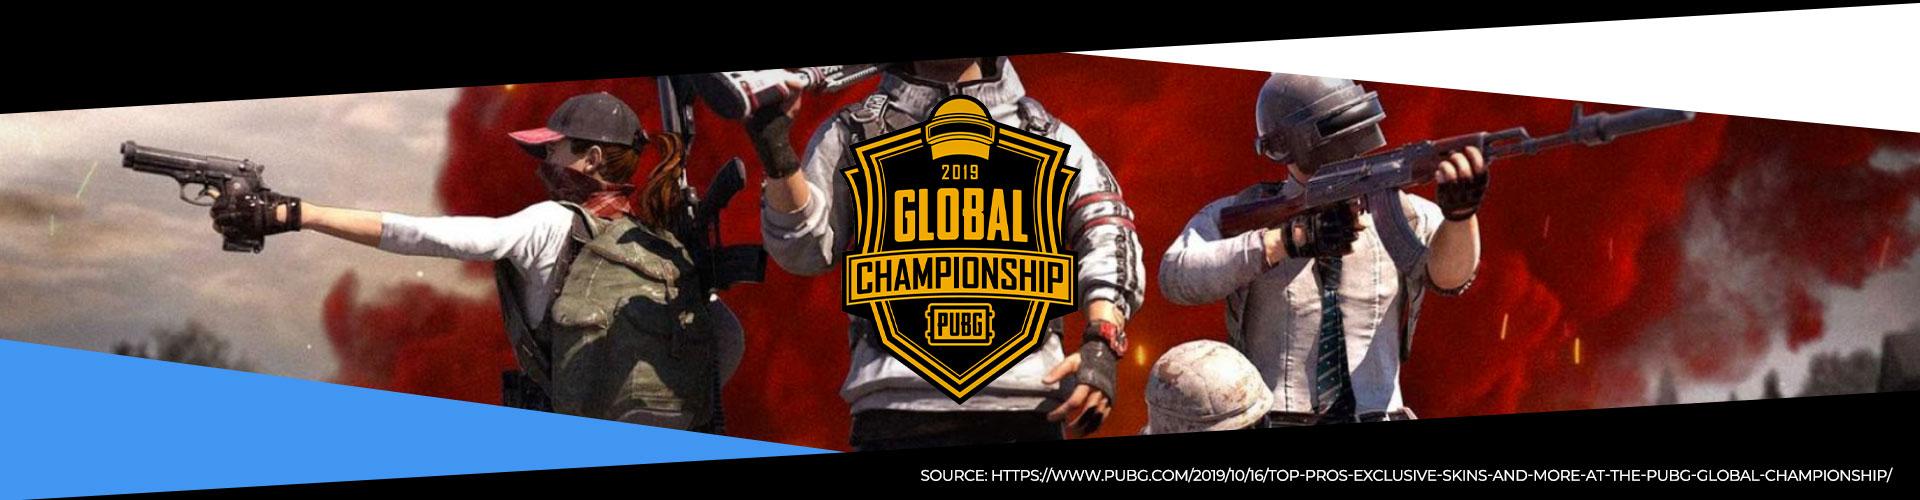 Detta är en eventsida för Världsmästerskapet i PUBG, Global Championship.